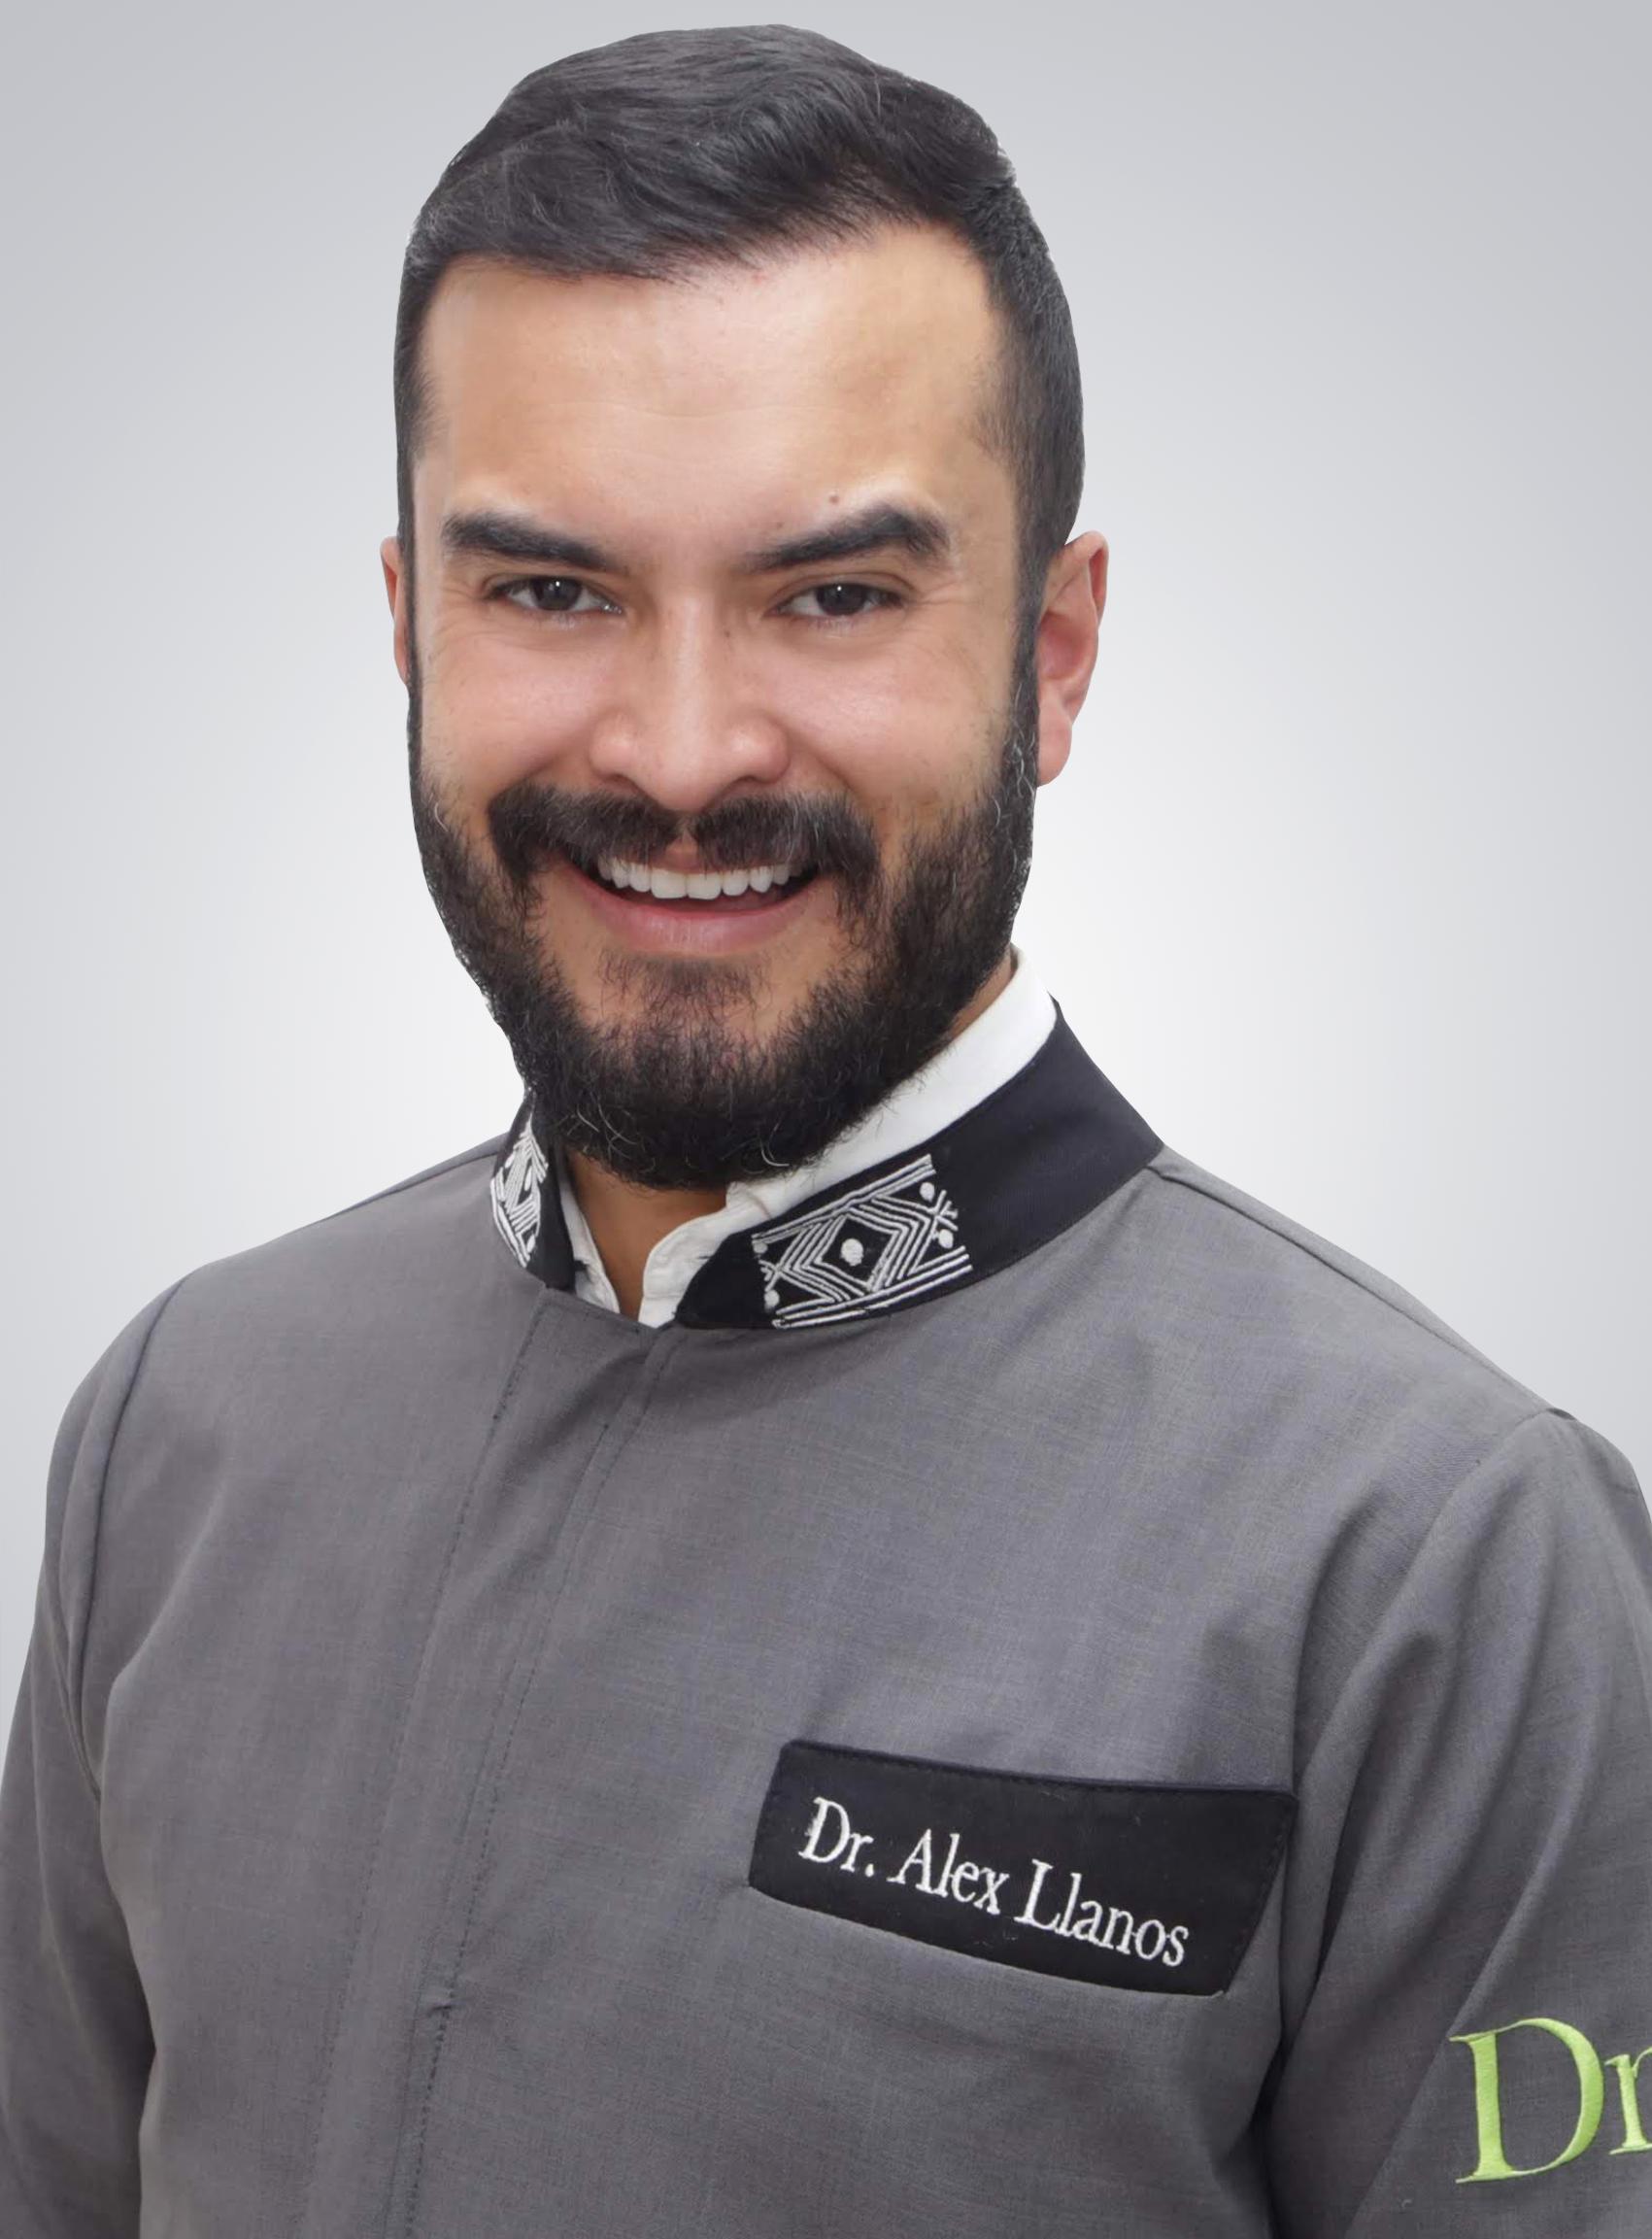 Dr. Alex Llanos